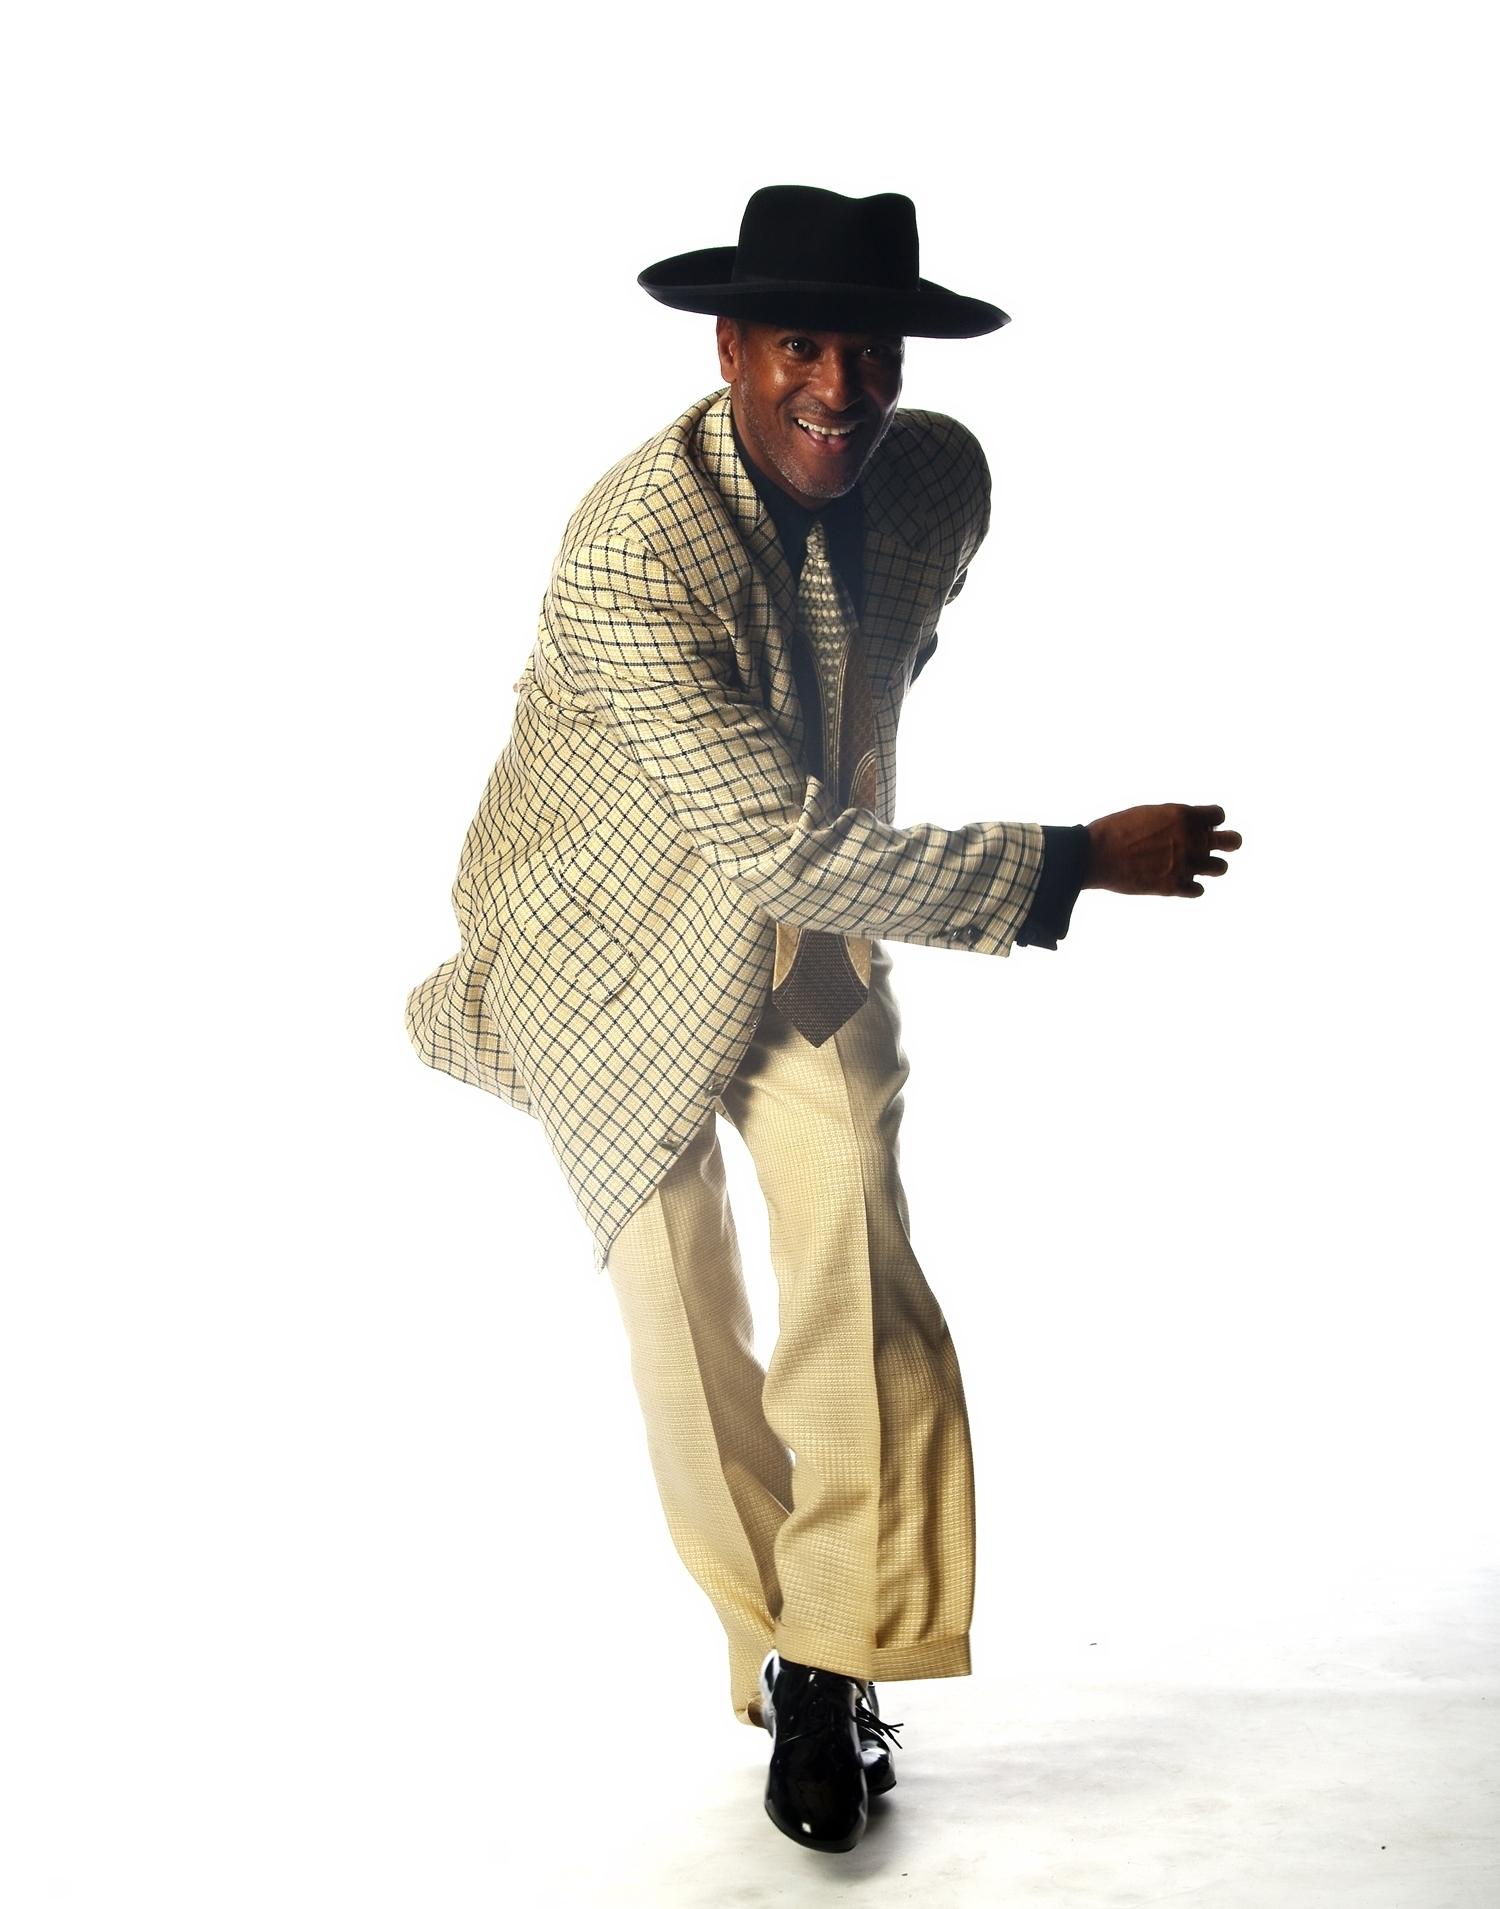 Derrick Curtis - BallroomDance  Mentor: Julie McLeod